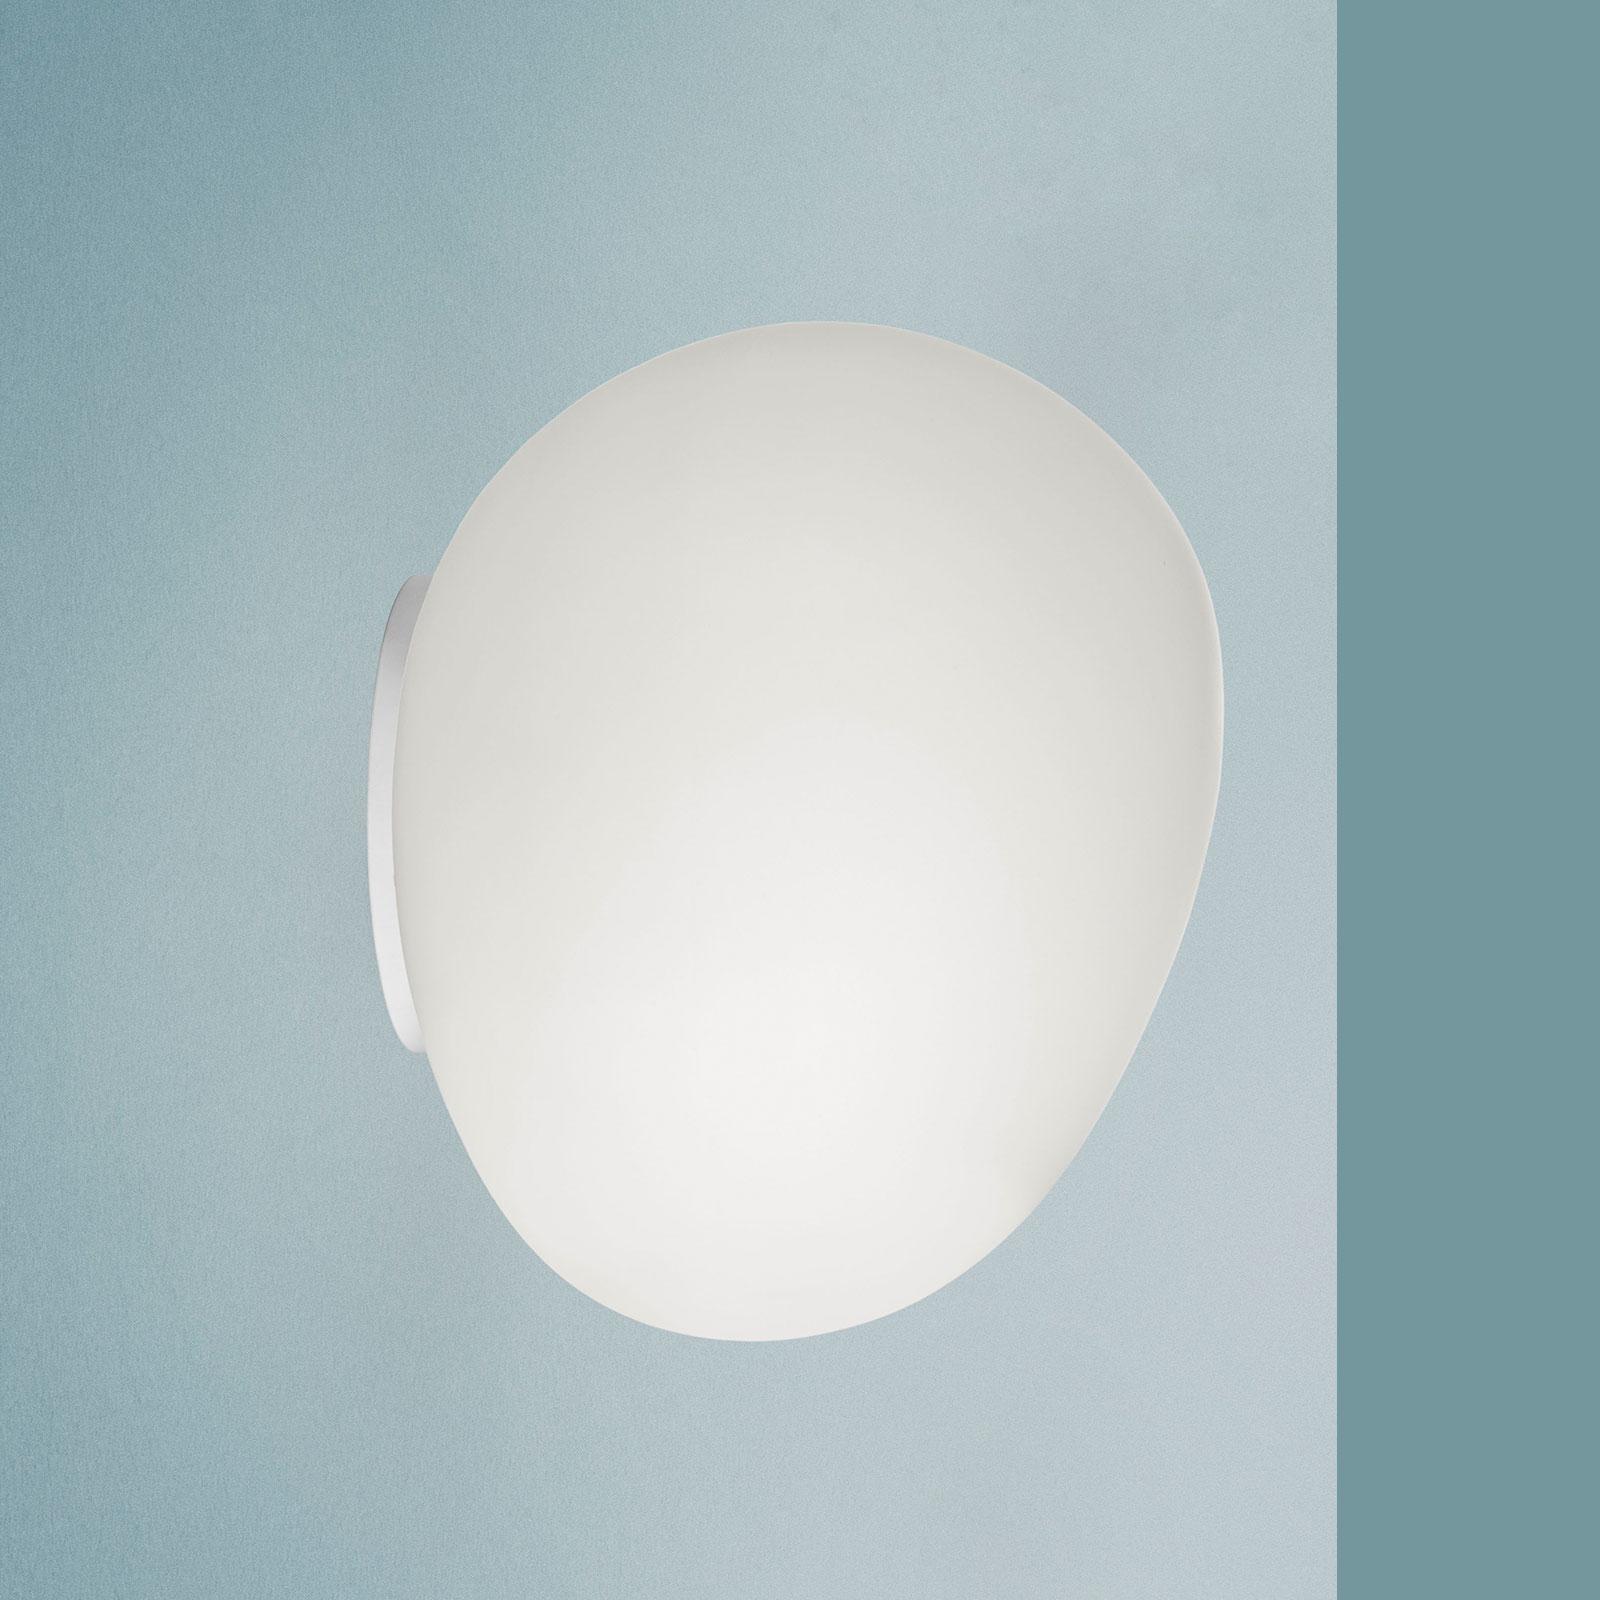 Foscarini Gregg MIDI utendørs LED-vegglampe